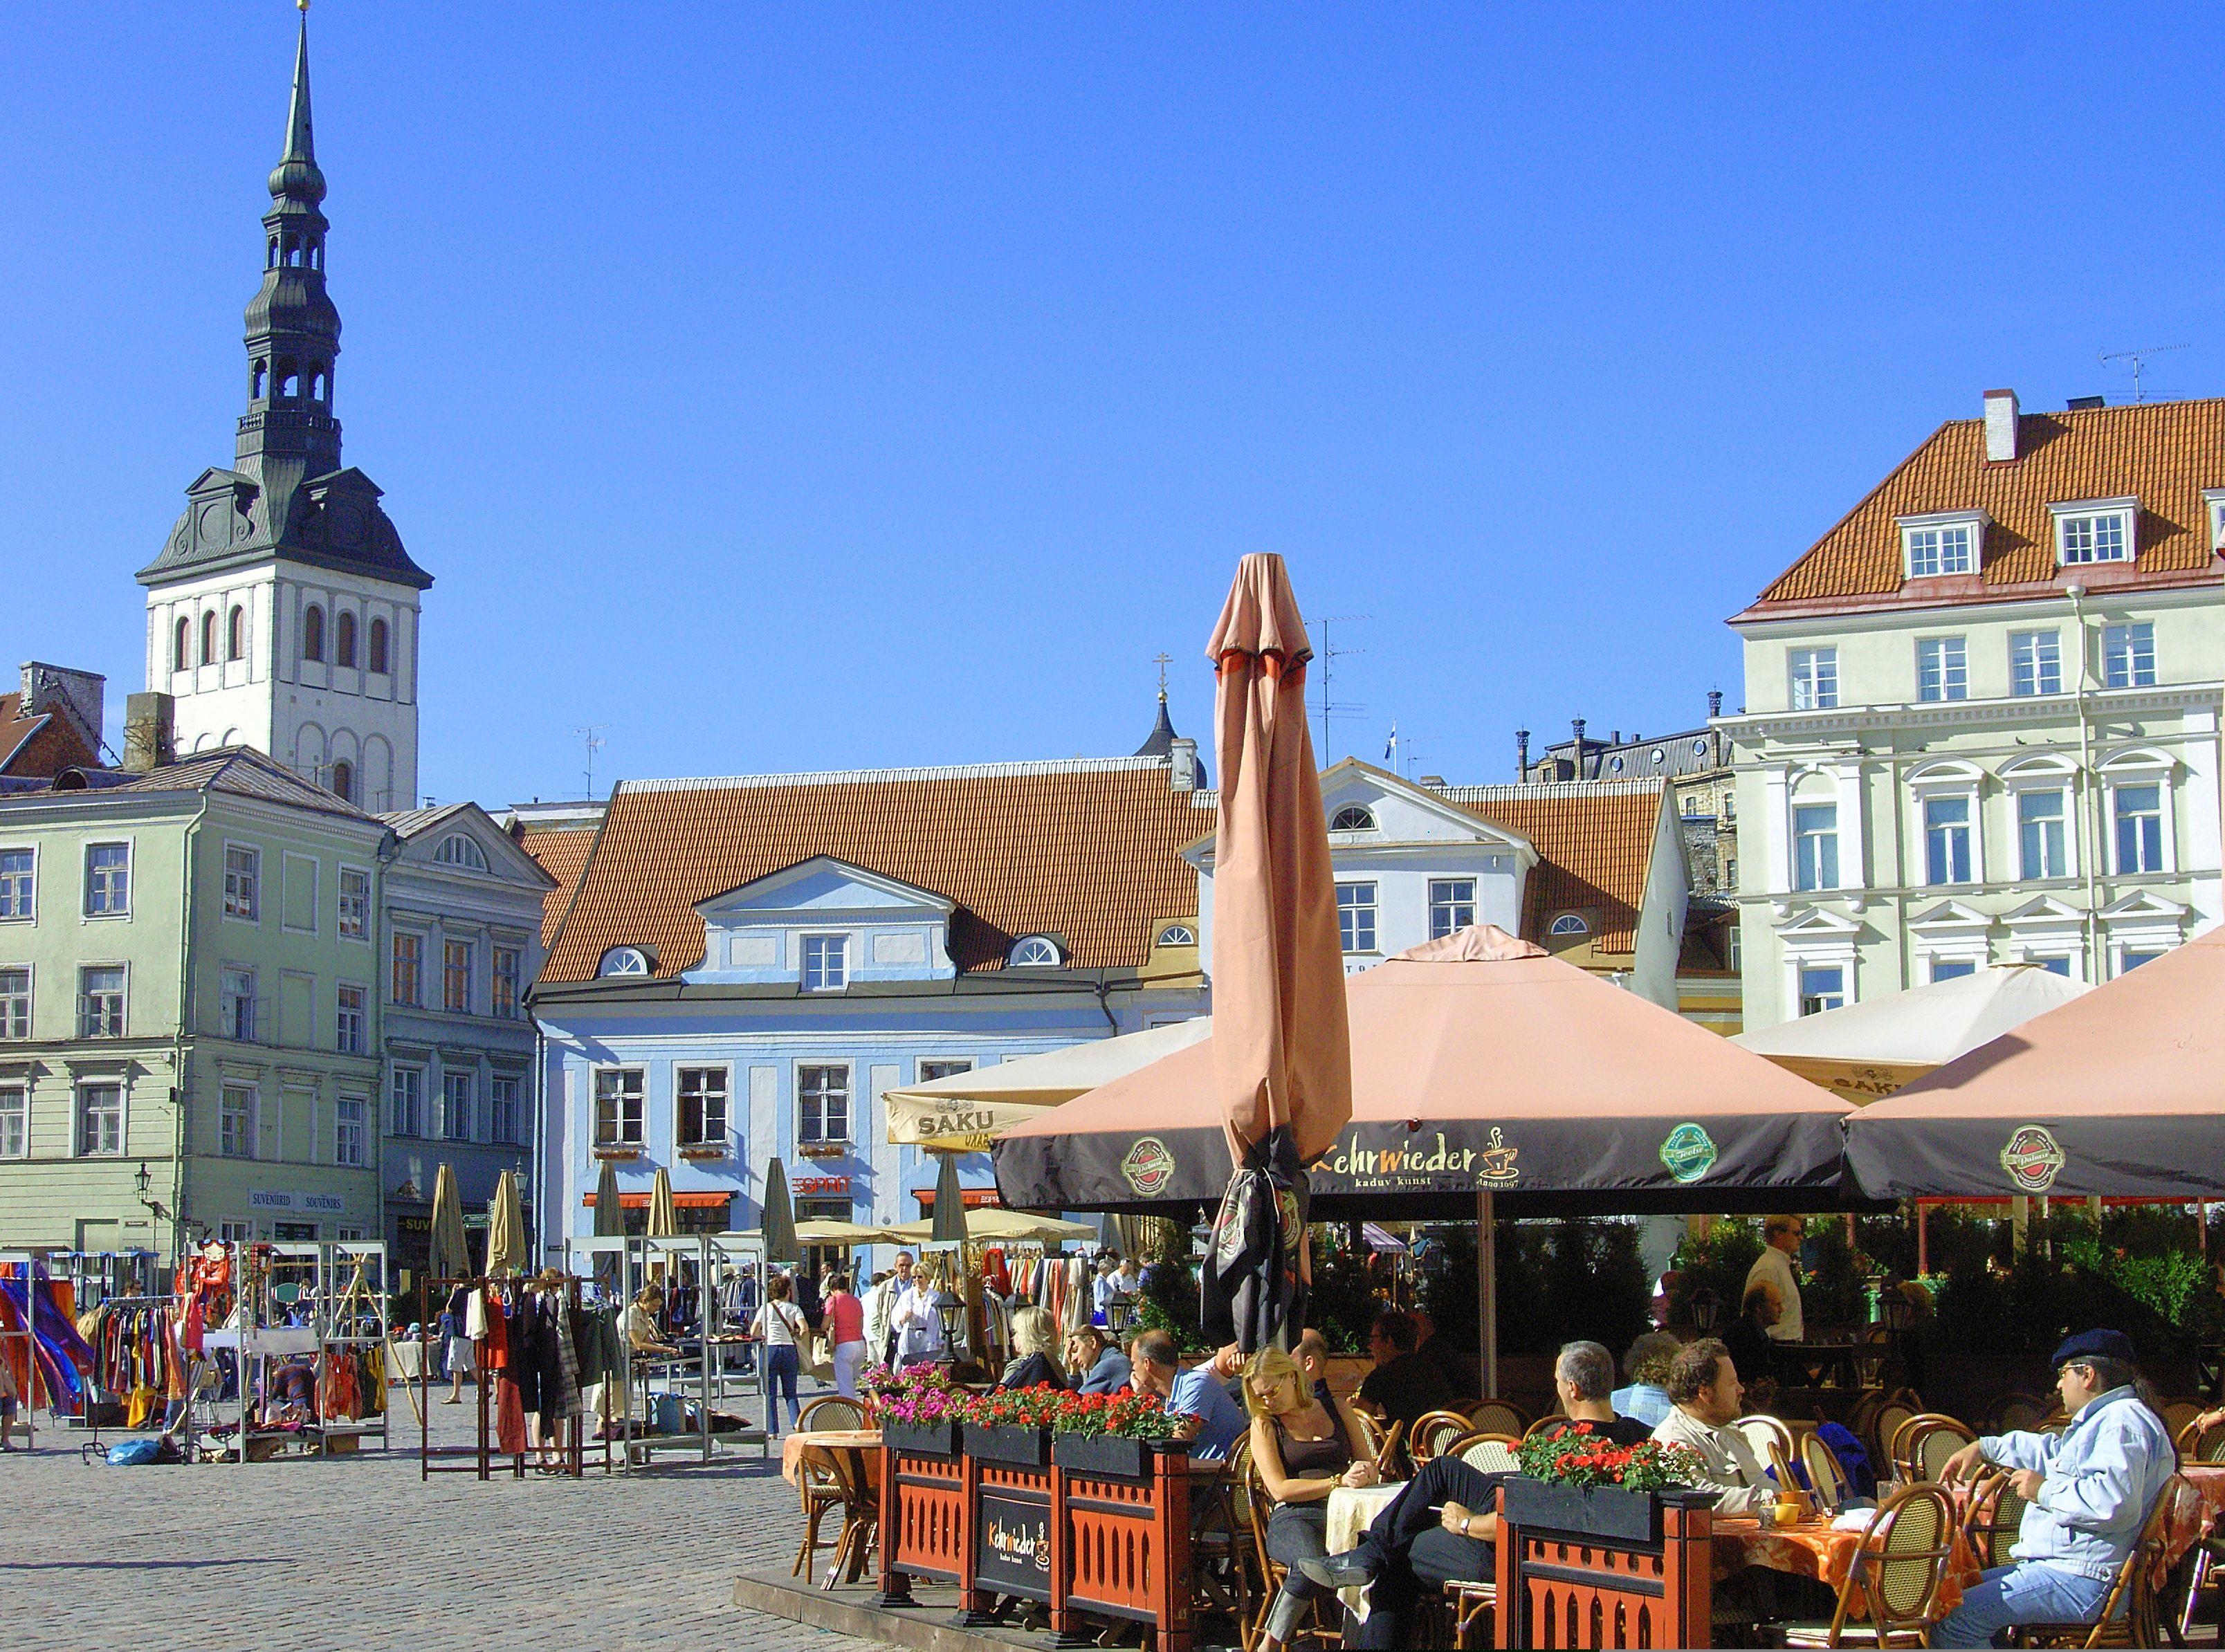 Pin Von Heike Auf Estonia Urlaubsideen Urlaub Idee